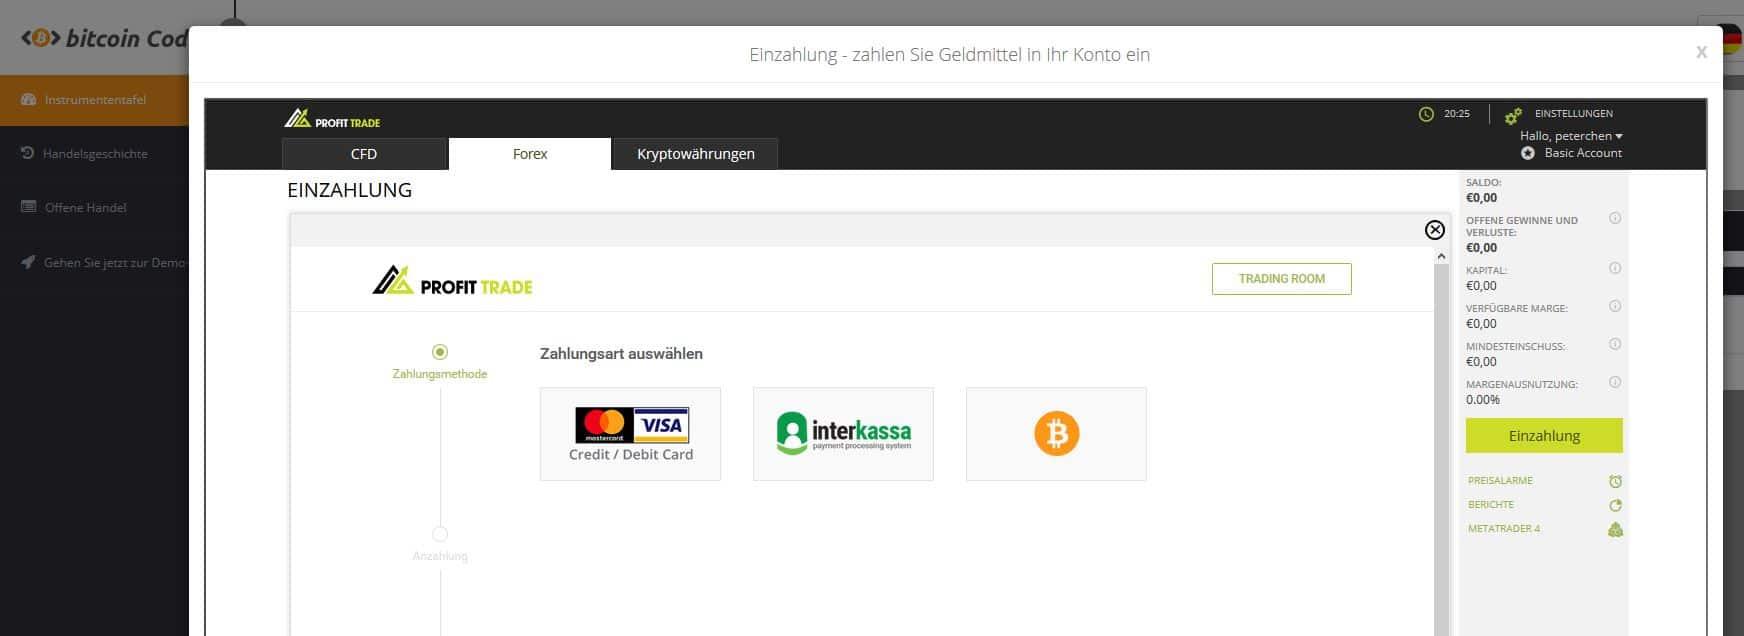 Bitcoin Code Einzahlung